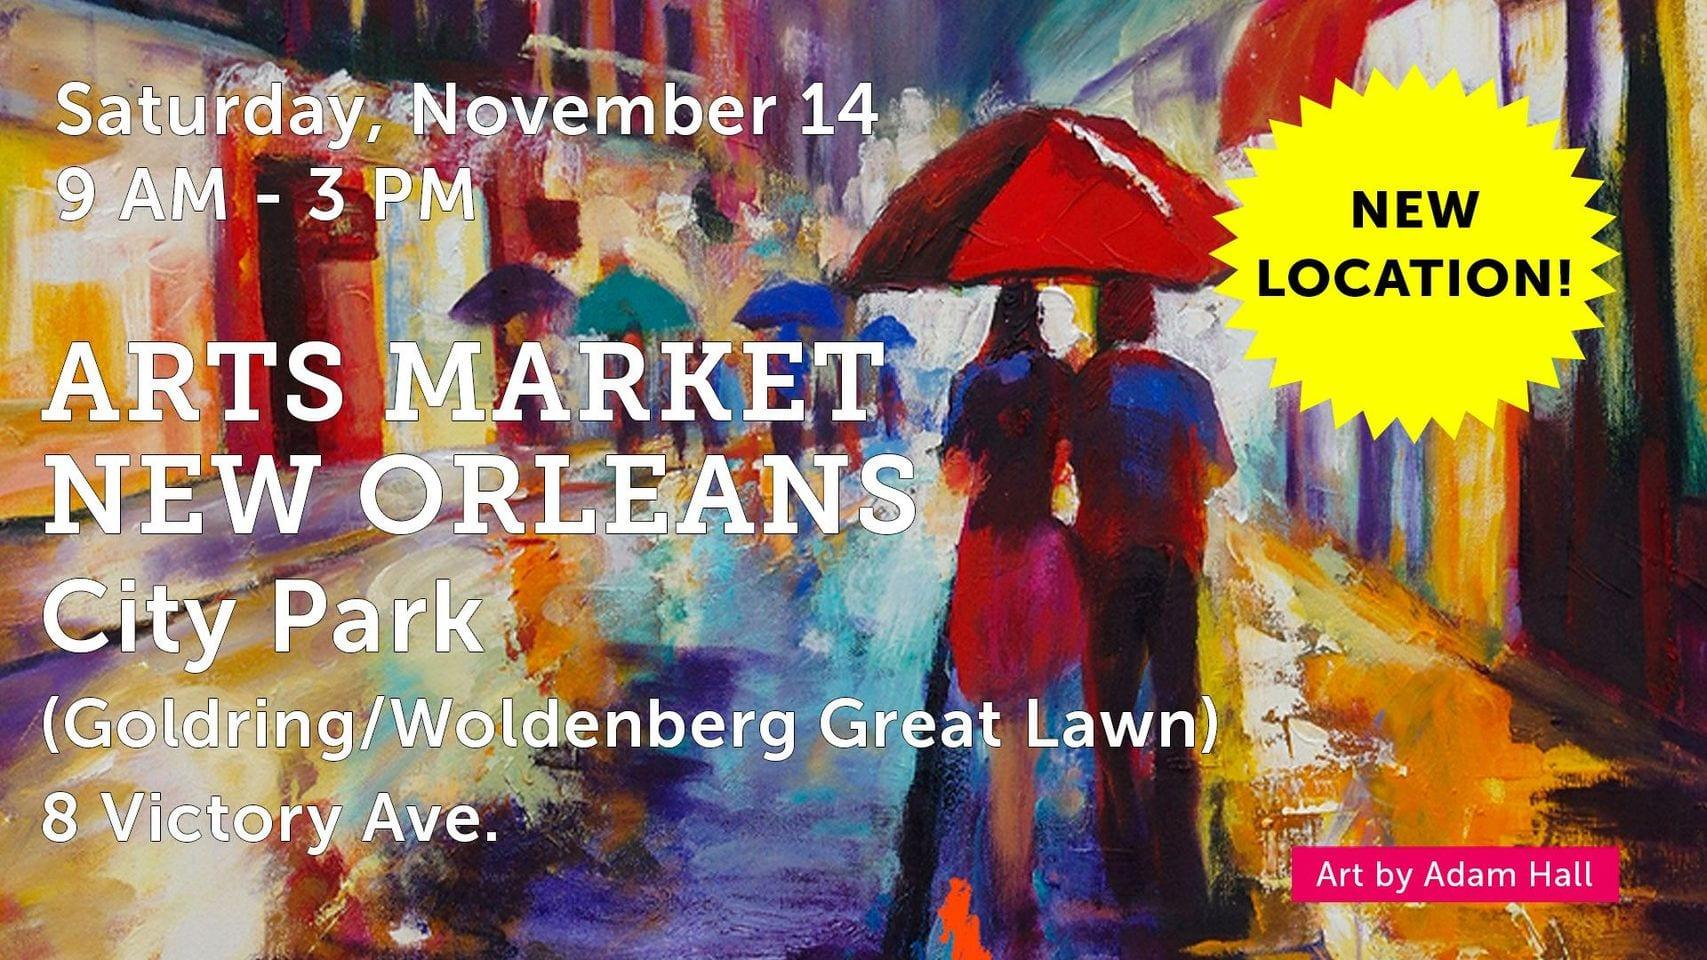 Arts Market New Orleans City Park